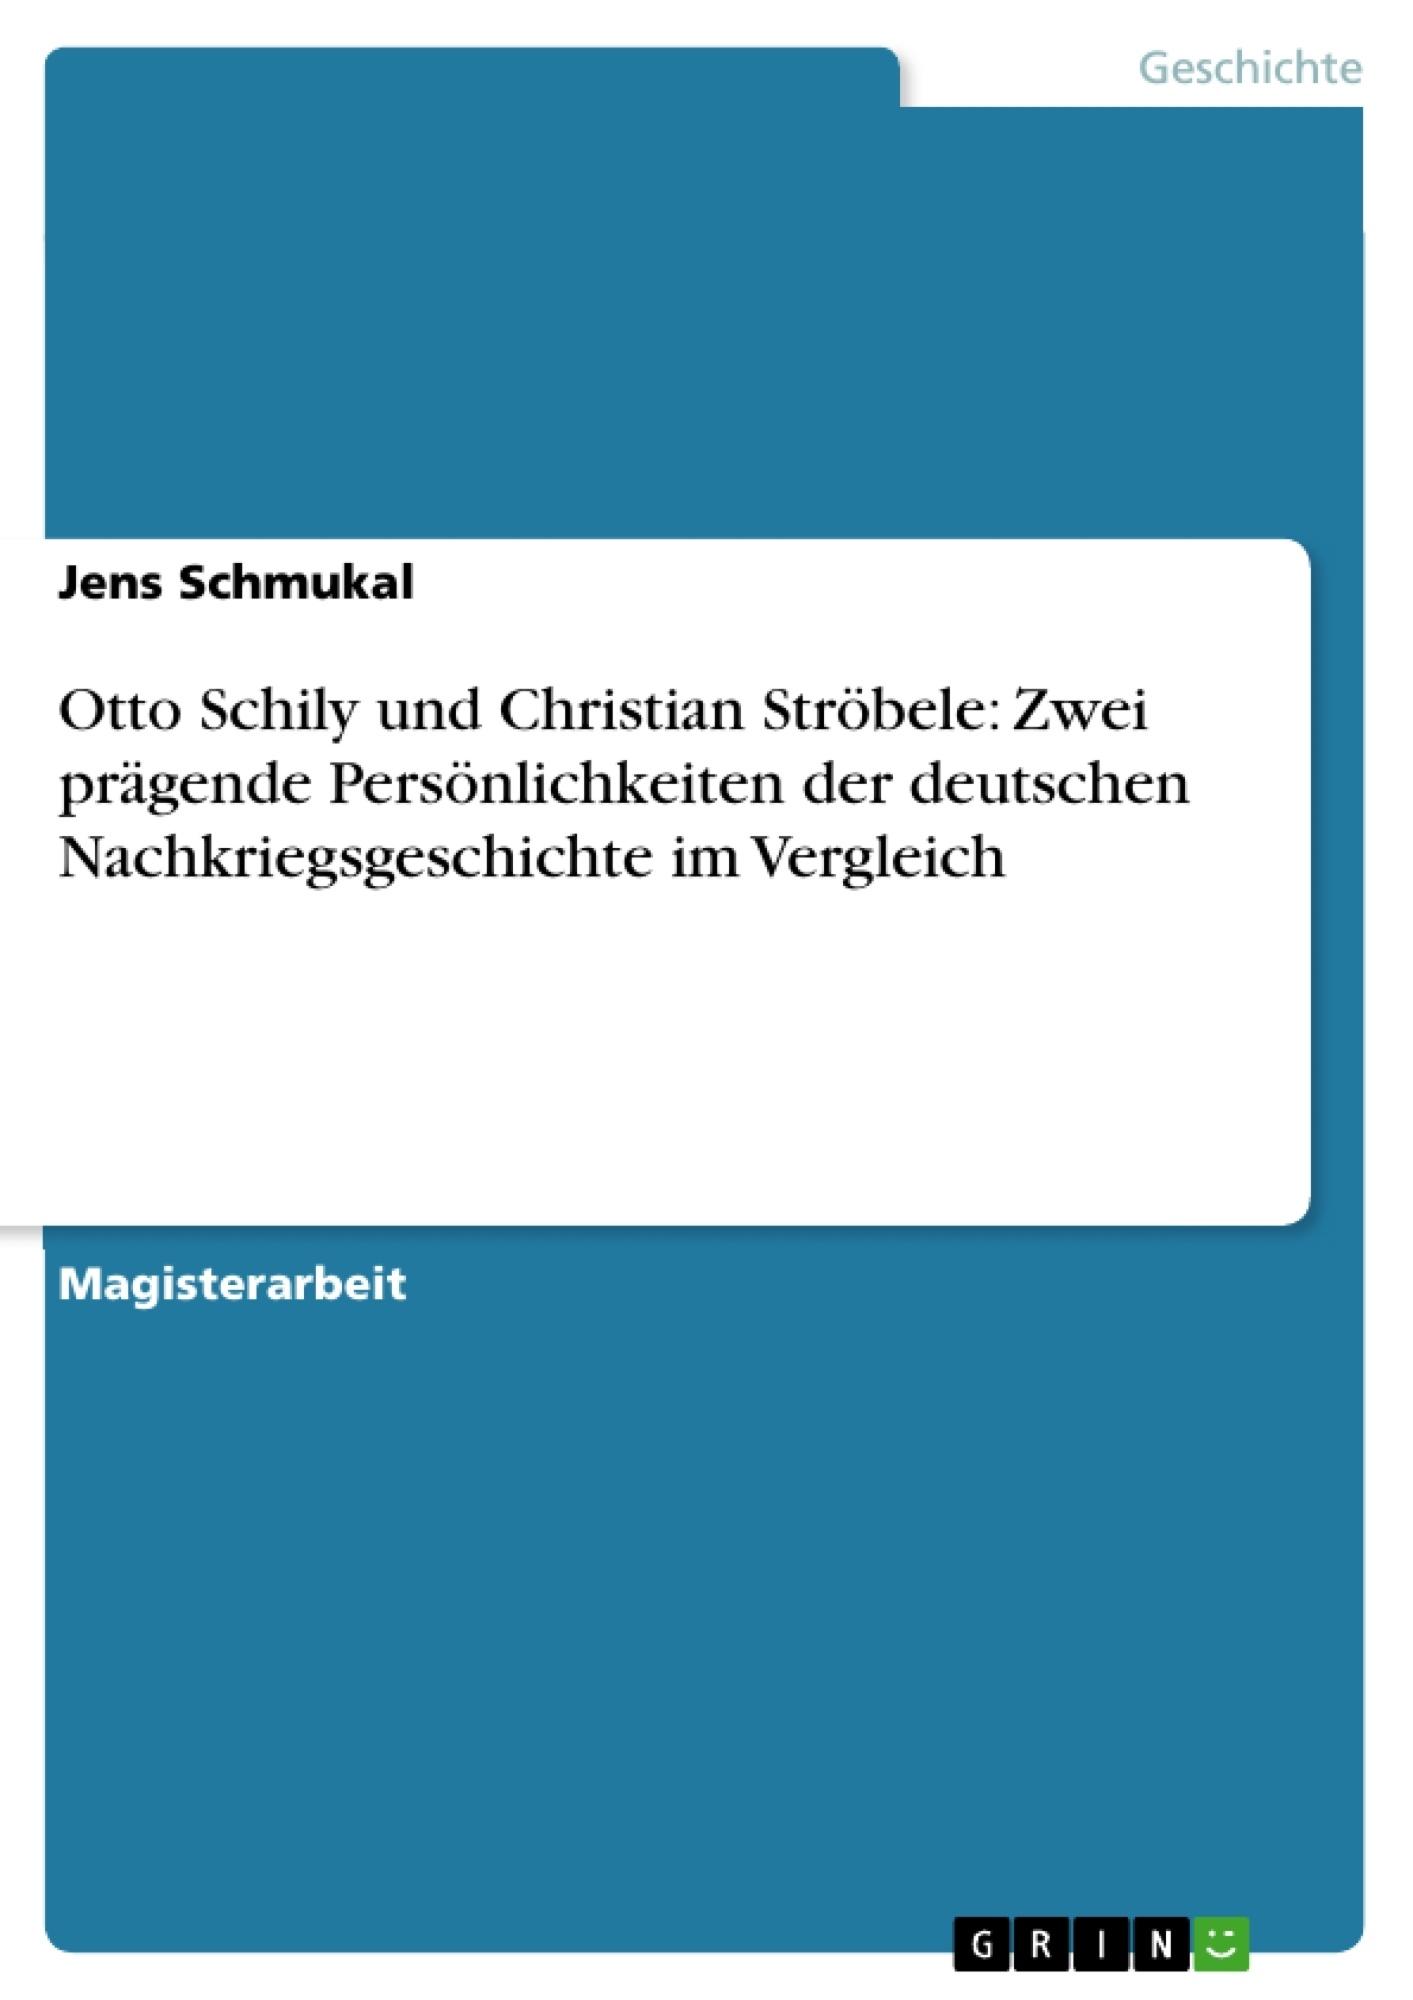 Titel: Otto Schily und Christian Ströbele: Zwei prägende Persönlichkeiten der deutschen Nachkriegsgeschichte im Vergleich